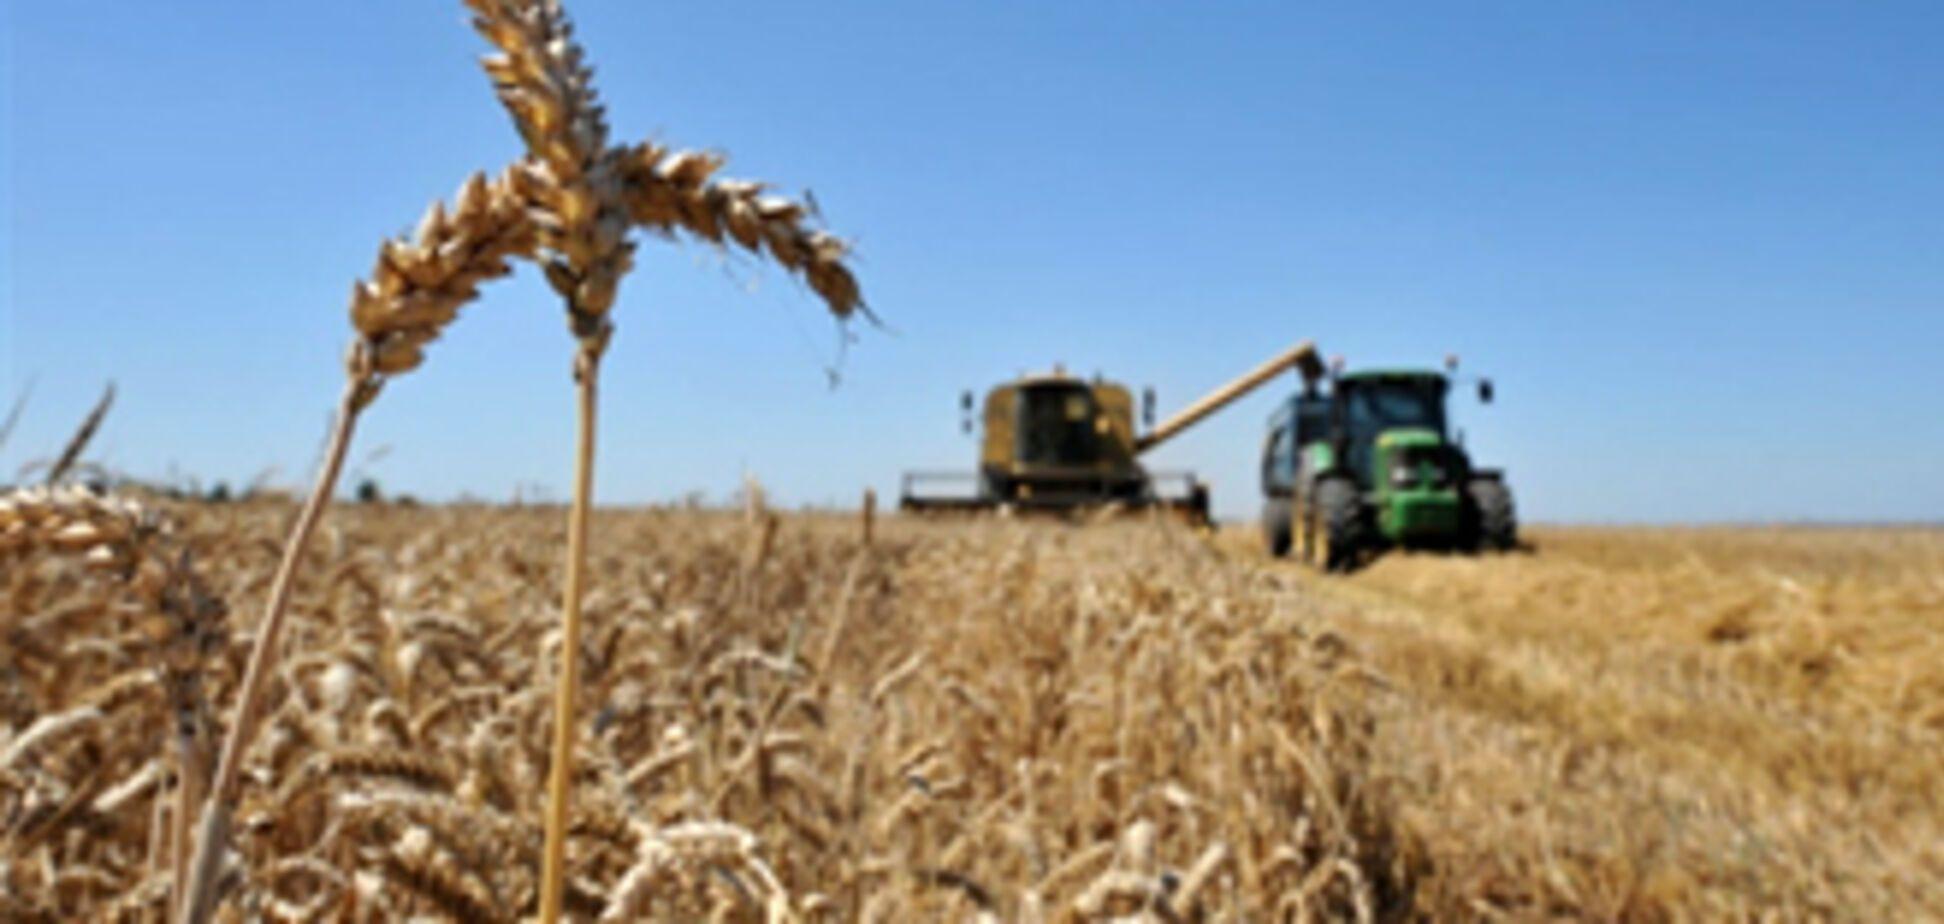 Україна налякала ООН поганим врожаєм